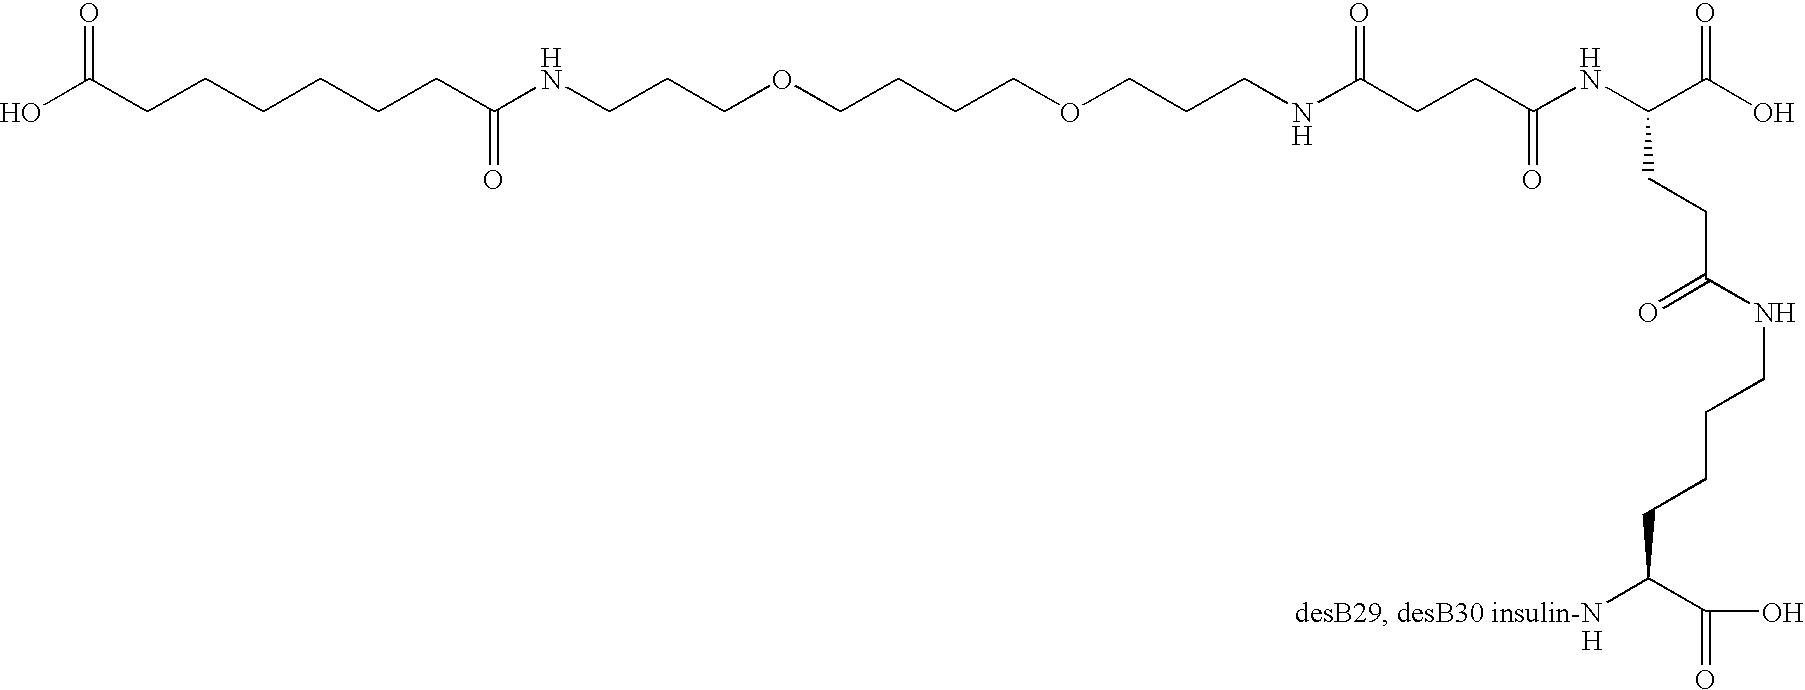 Figure US20100227796A1-20100909-C00039